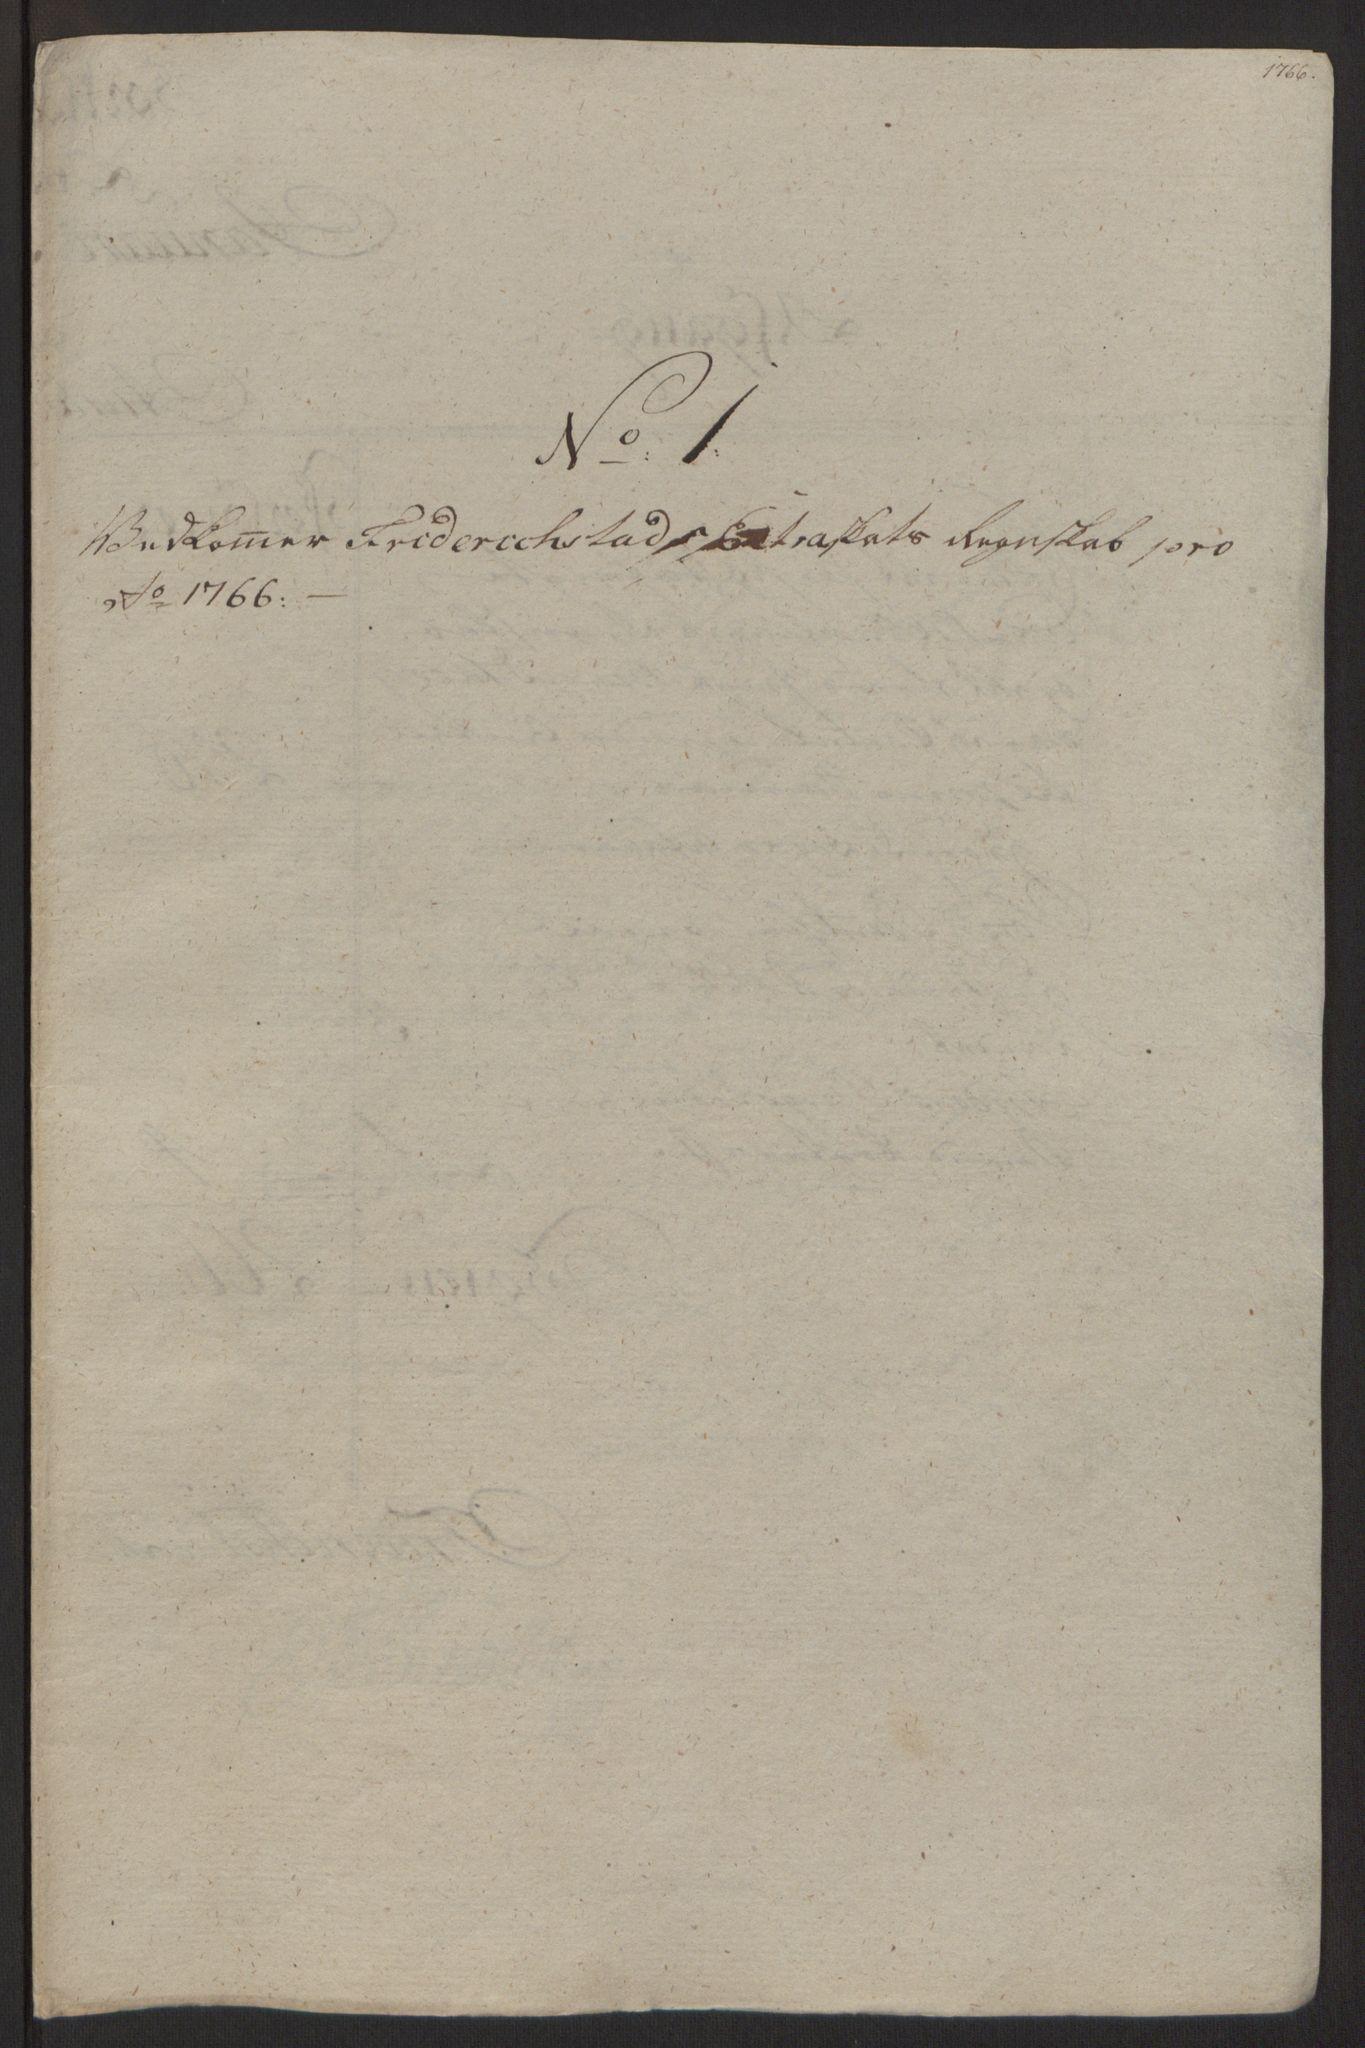 RA, Rentekammeret inntil 1814, Reviderte regnskaper, Byregnskaper, R/Rb/L0029: [B3] Kontribusjonsregnskap, 1762-1772, s. 212